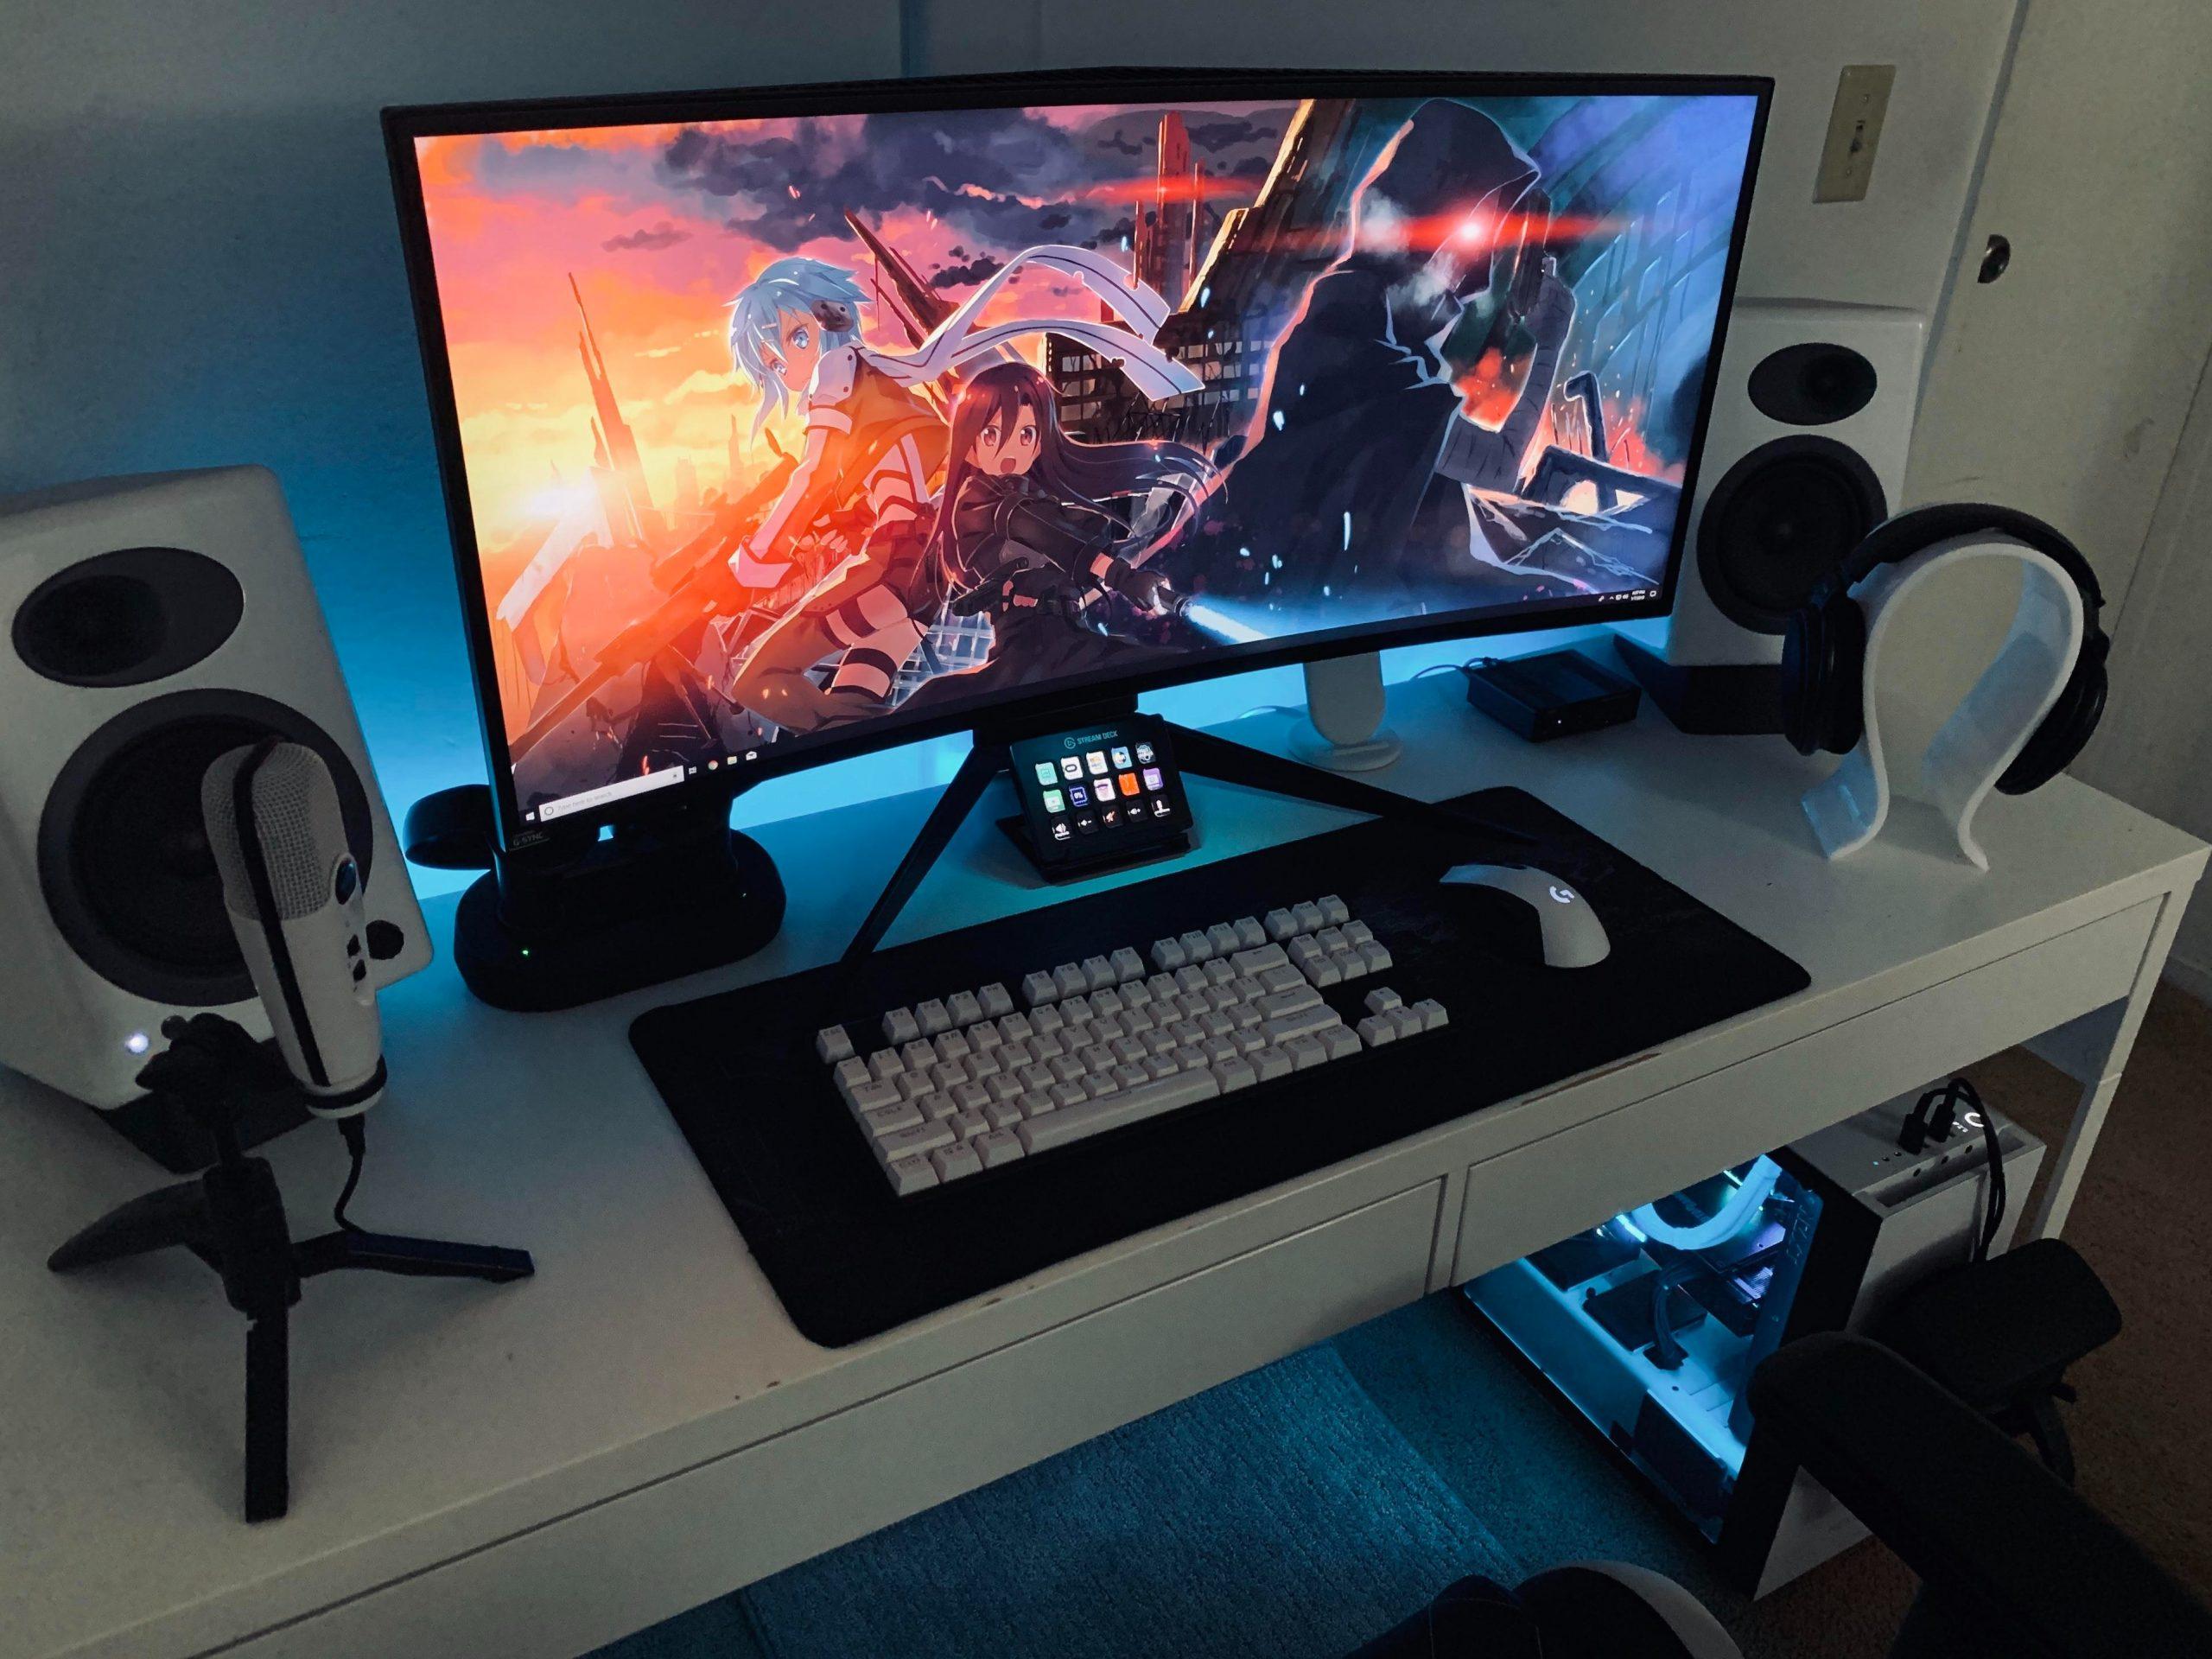 Imagem mostra um PC gamer com monitor curvo.